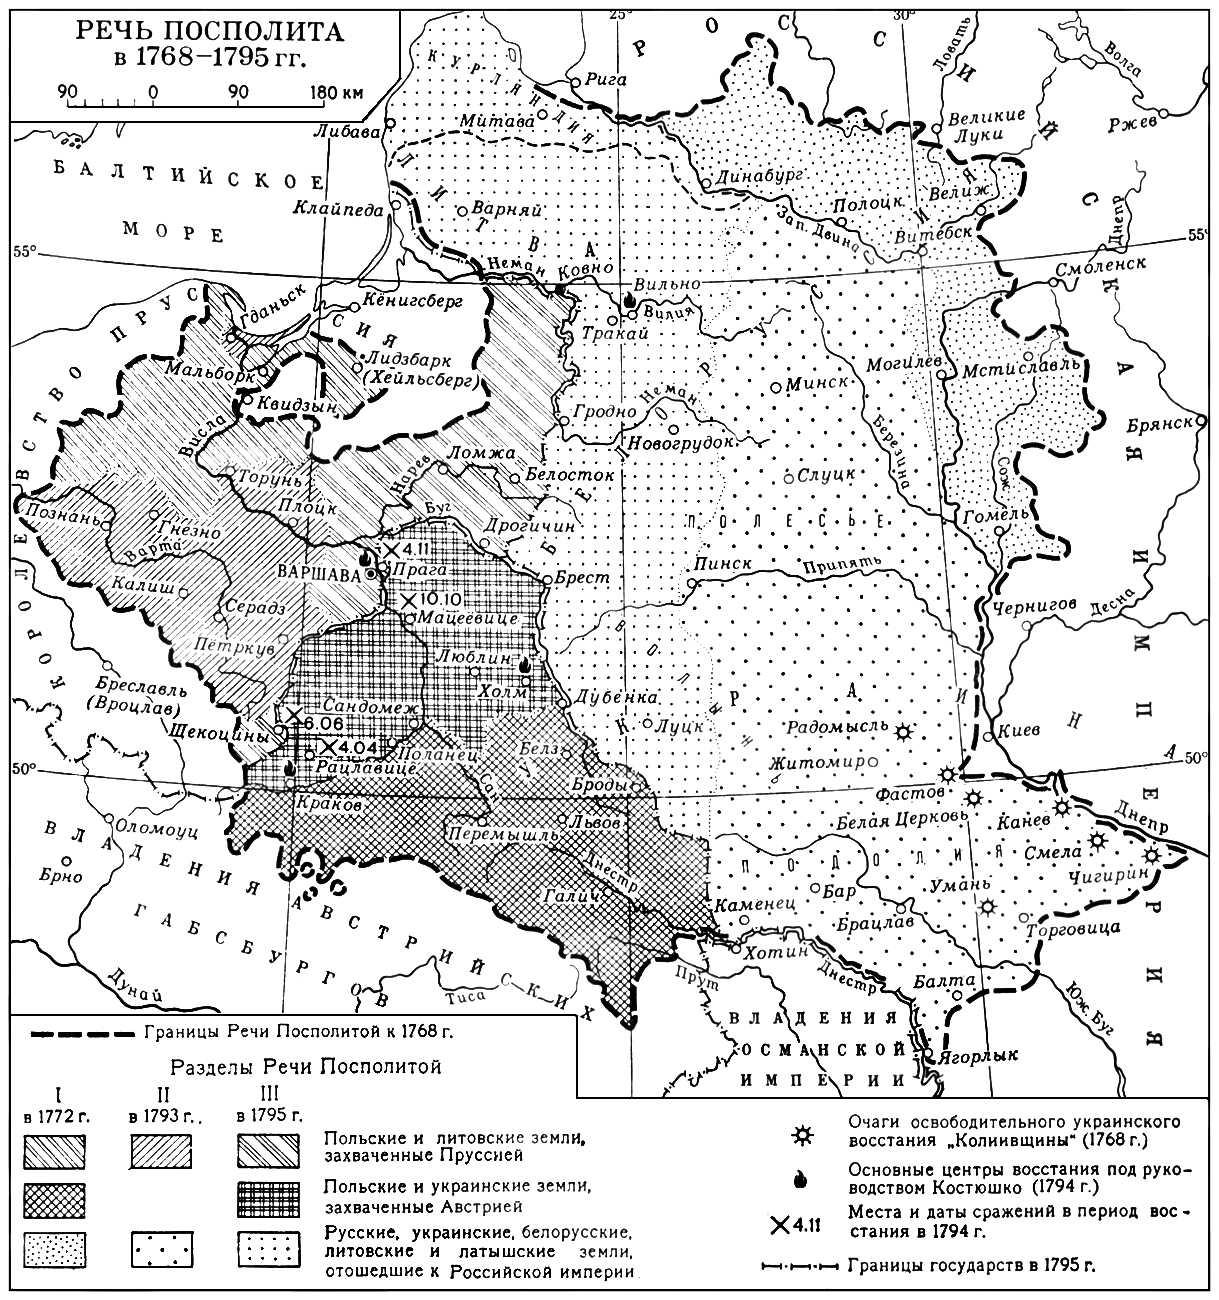 термины по словарь терминов сталинская форсированная модернизация 1930 википедия